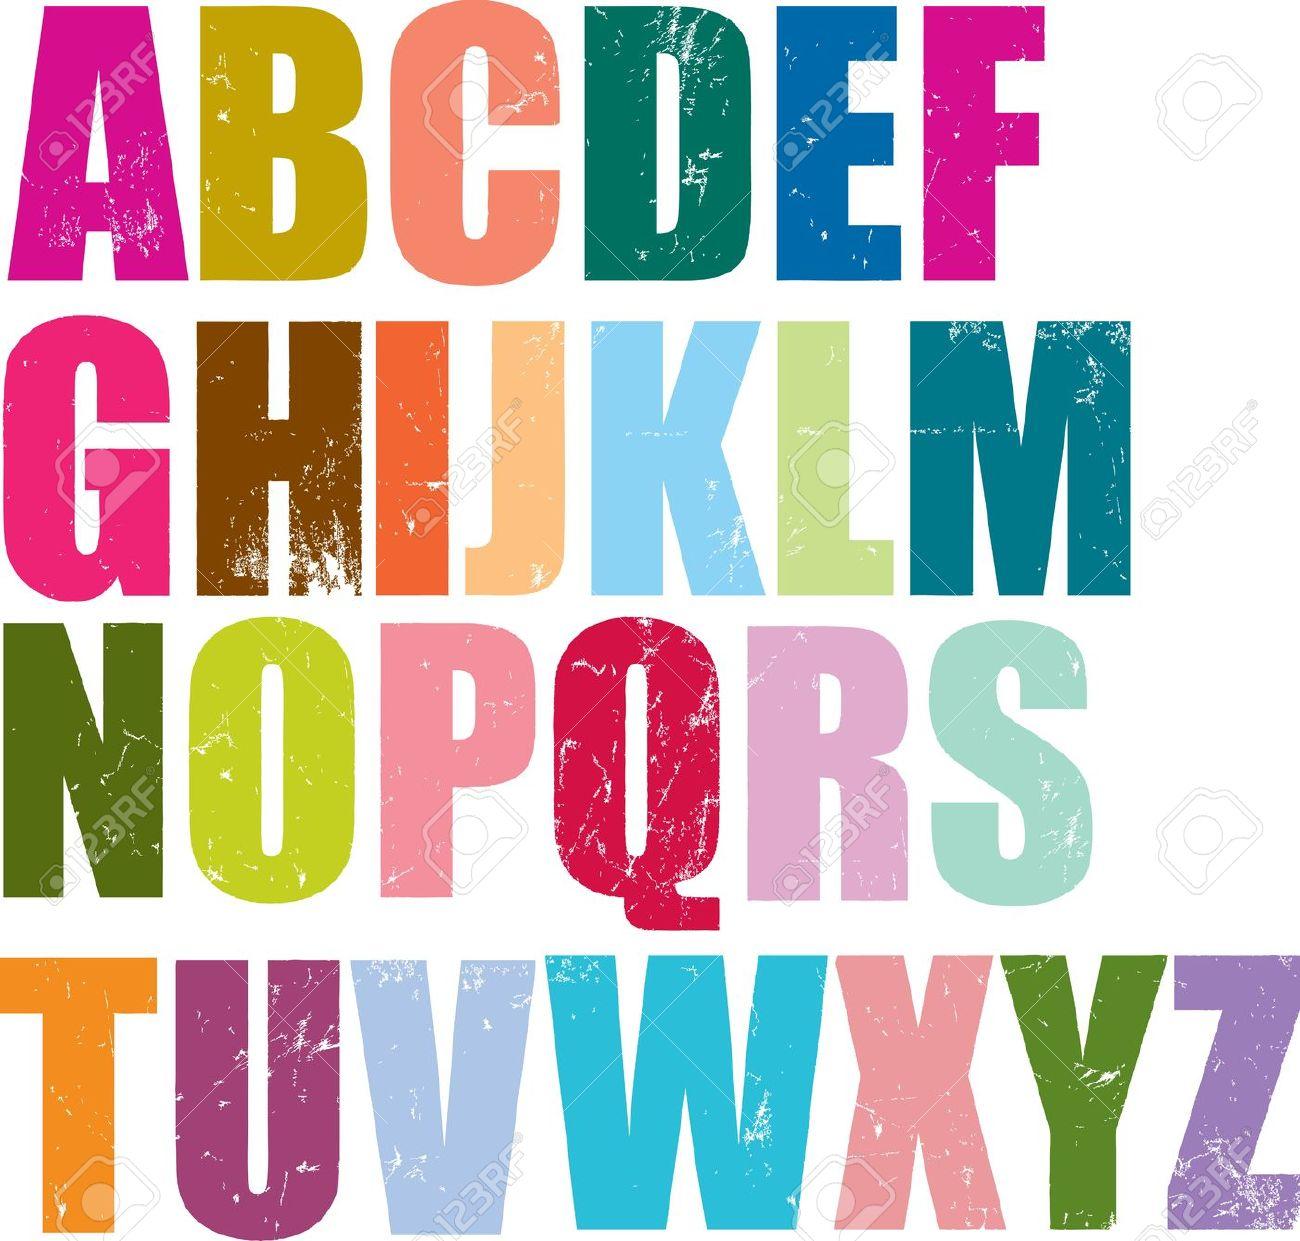 بالصور صور حروف انجليزي , اروح الاشكال 2124 2